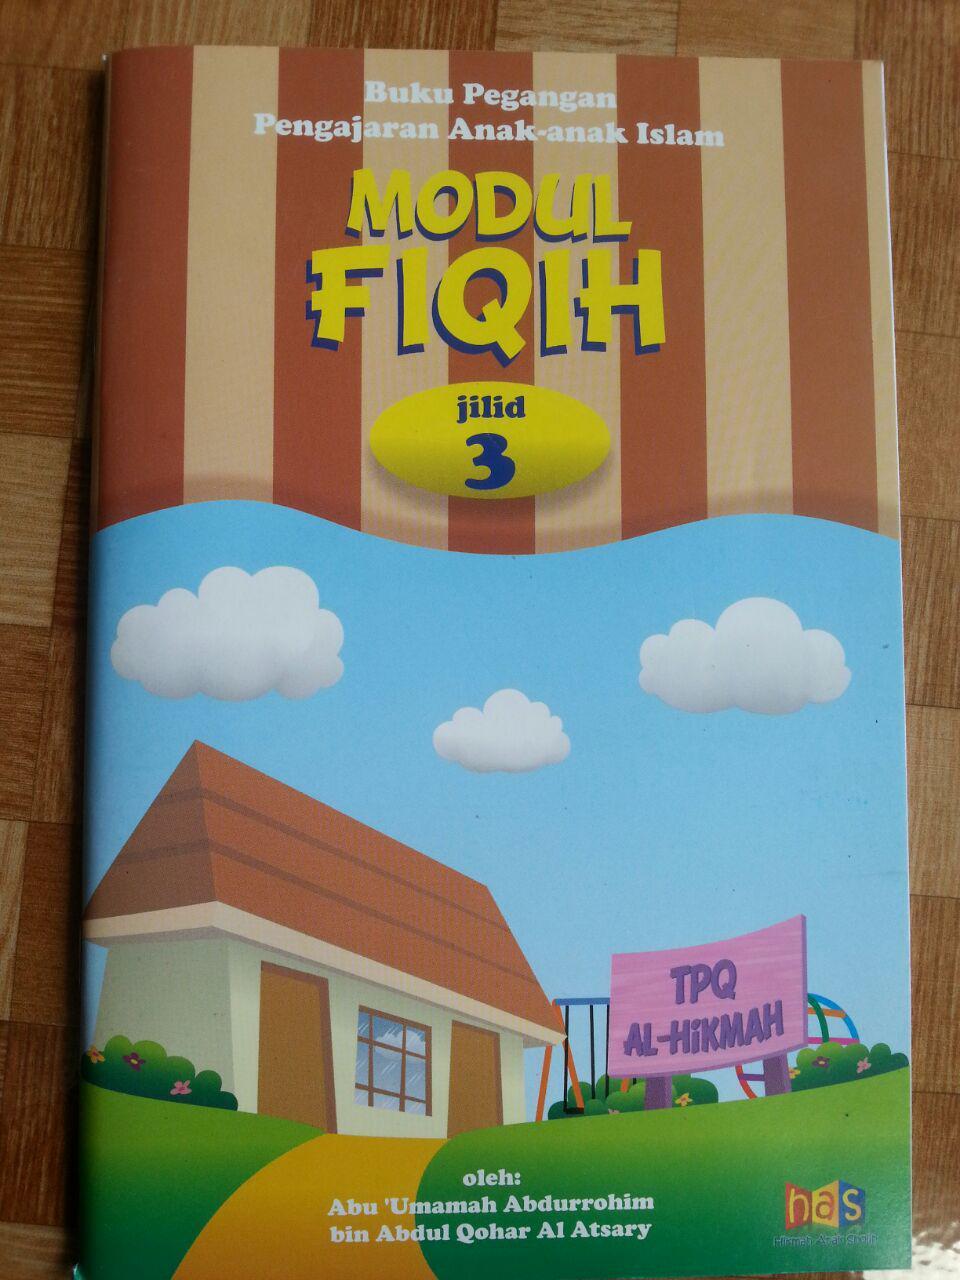 Buku Pegangan Pengajaran Anak Islam Modul Fiqih 3 cover 2